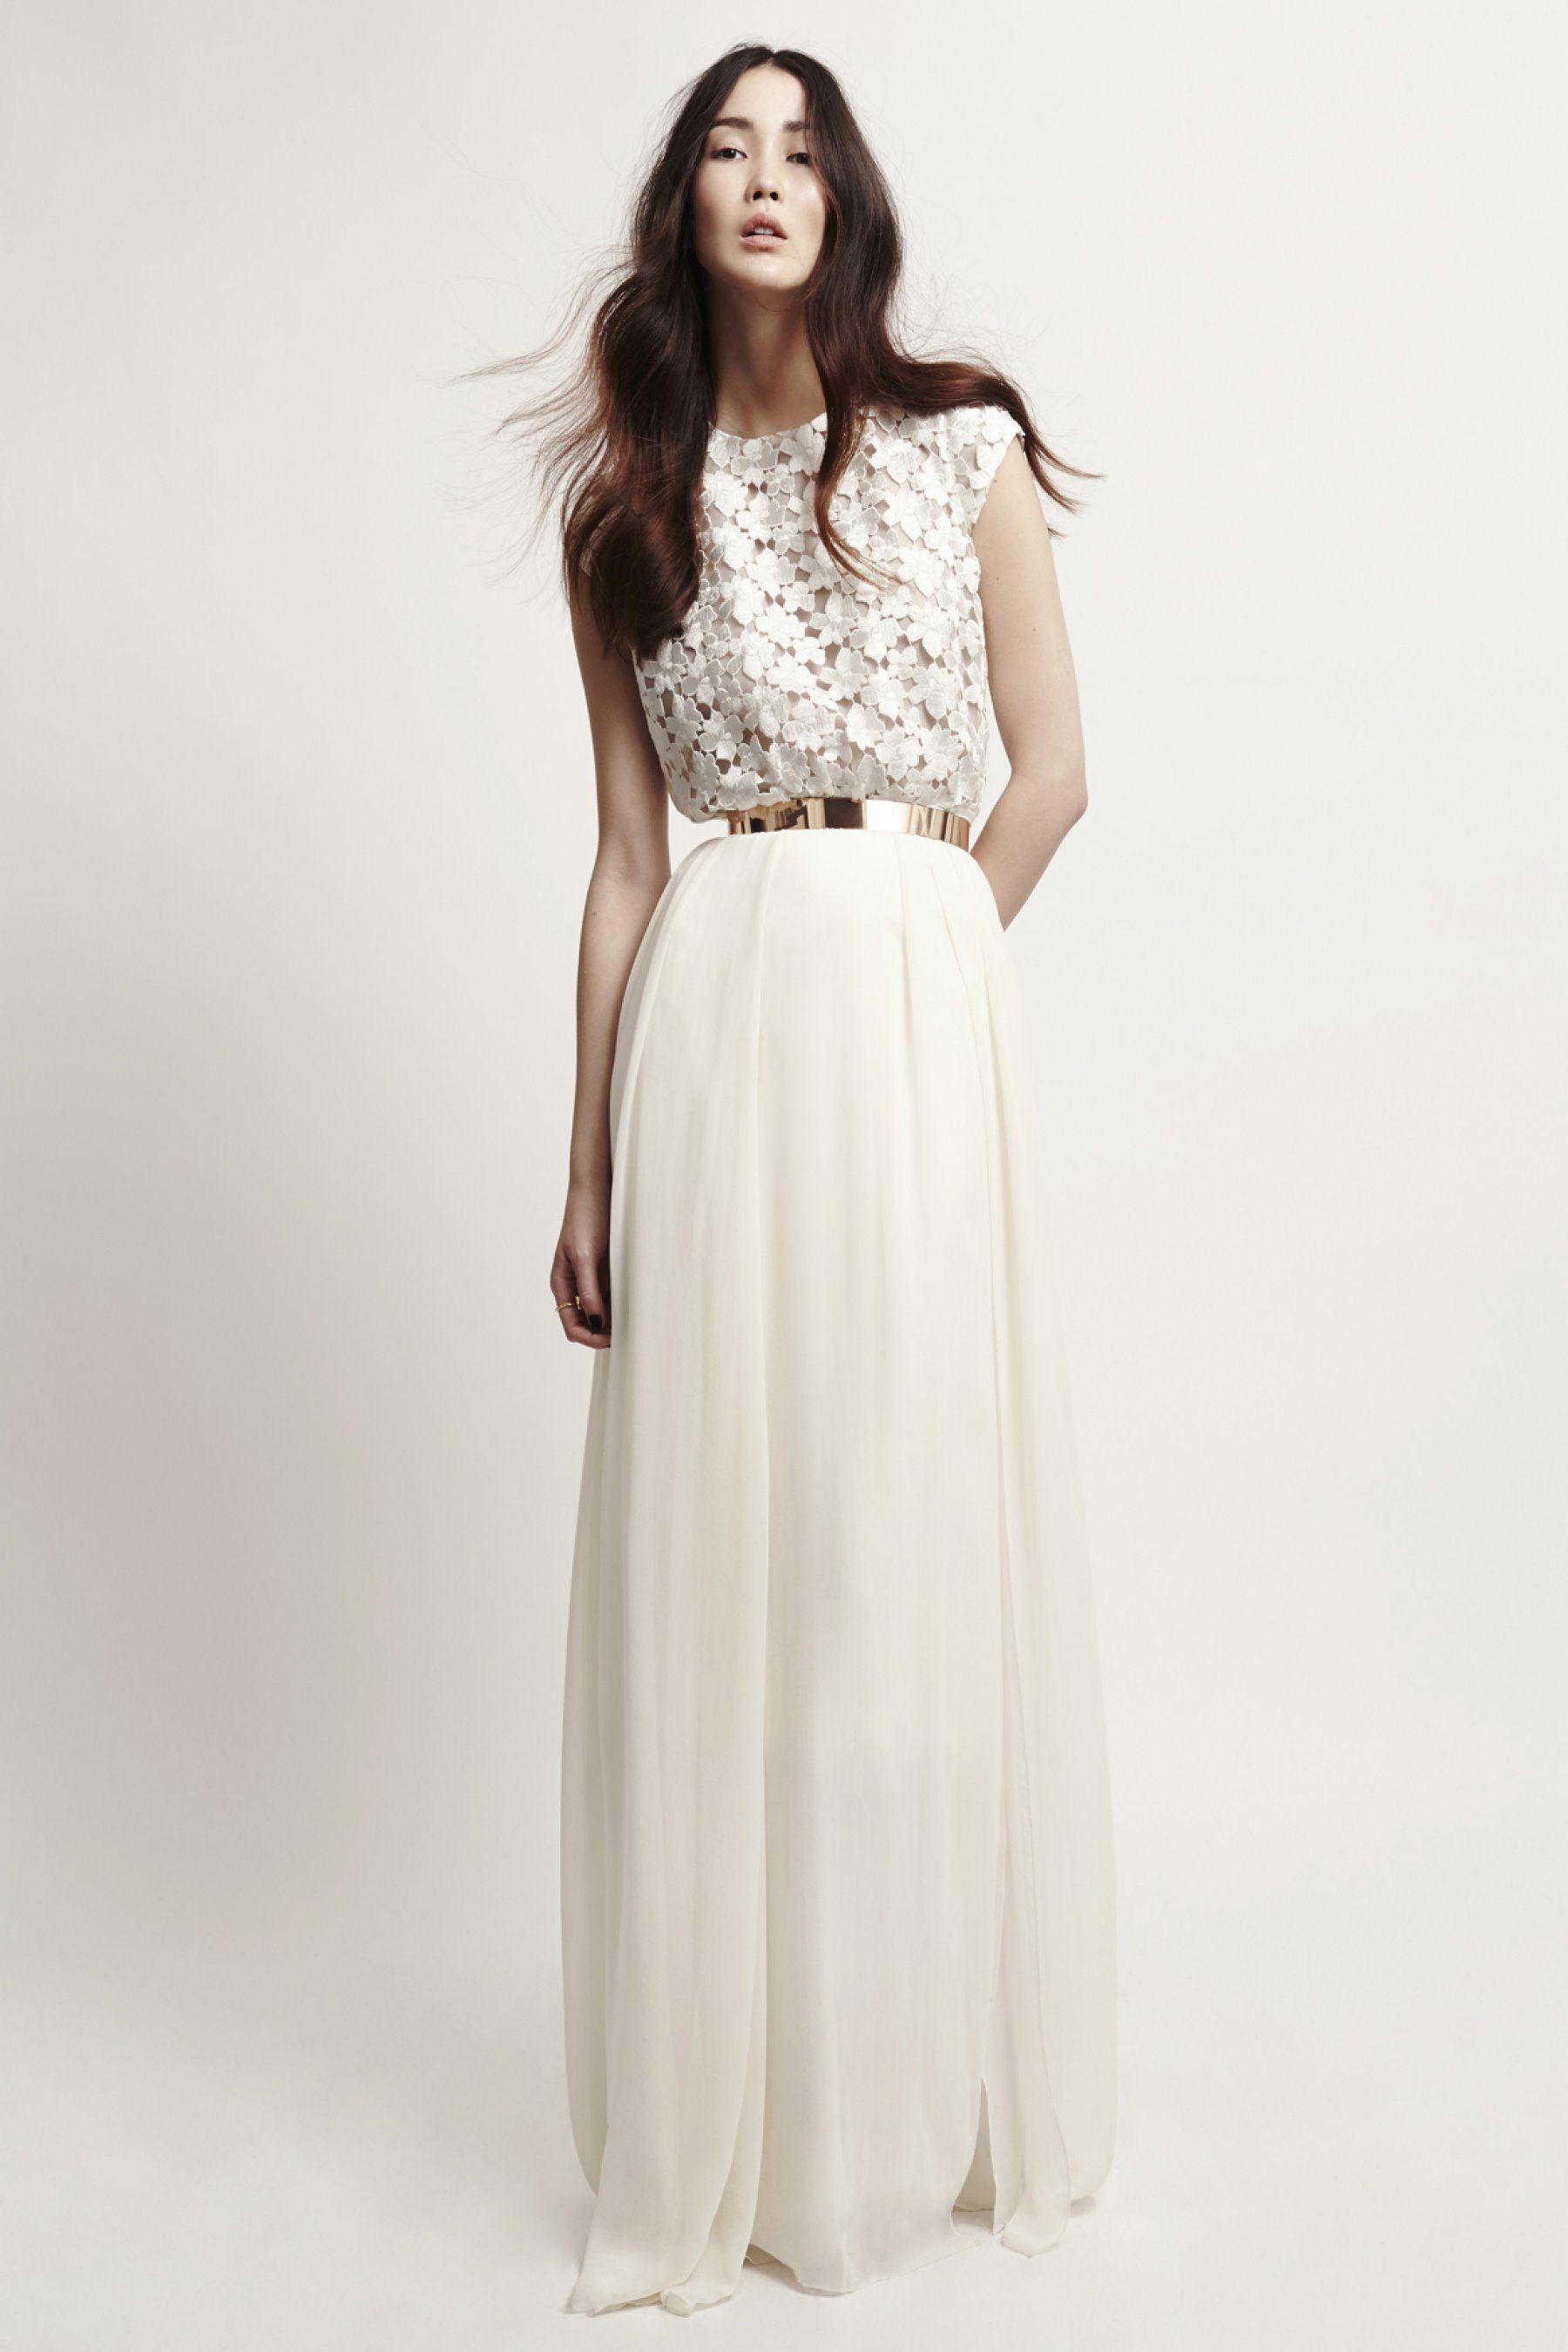 Belle Michelle Dress | klassisches Brautkleid, Gürtel und Oberteile